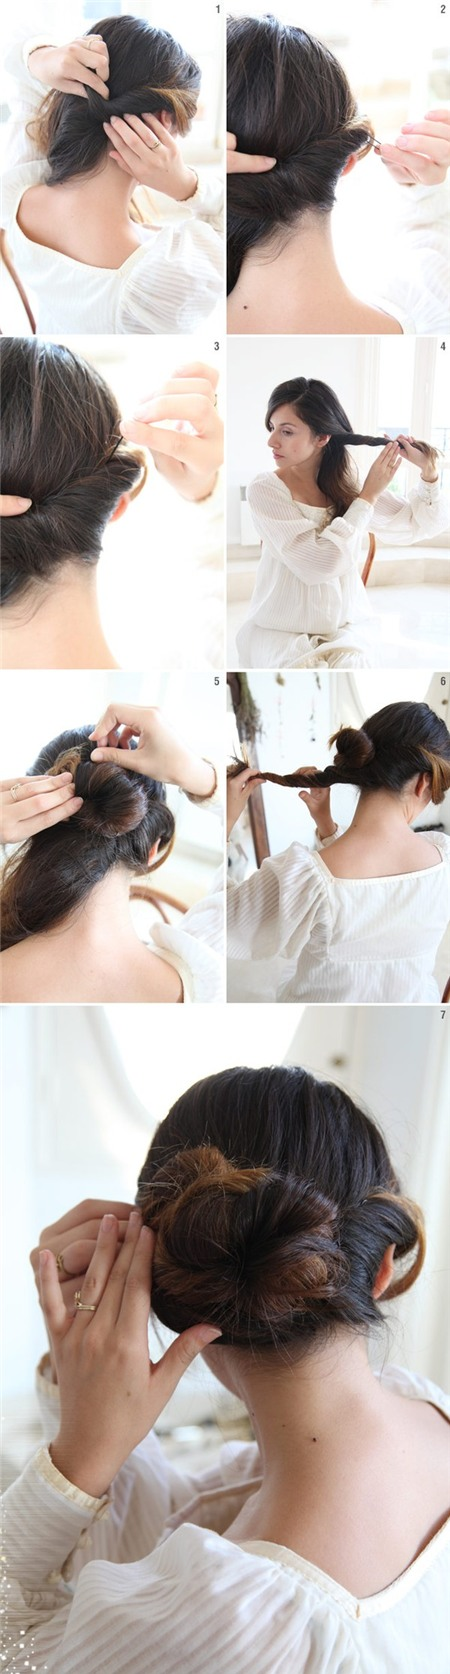 3 kiểu tóc búi duyên dáng không tốn quá 10 phút để tự thực hiện 14